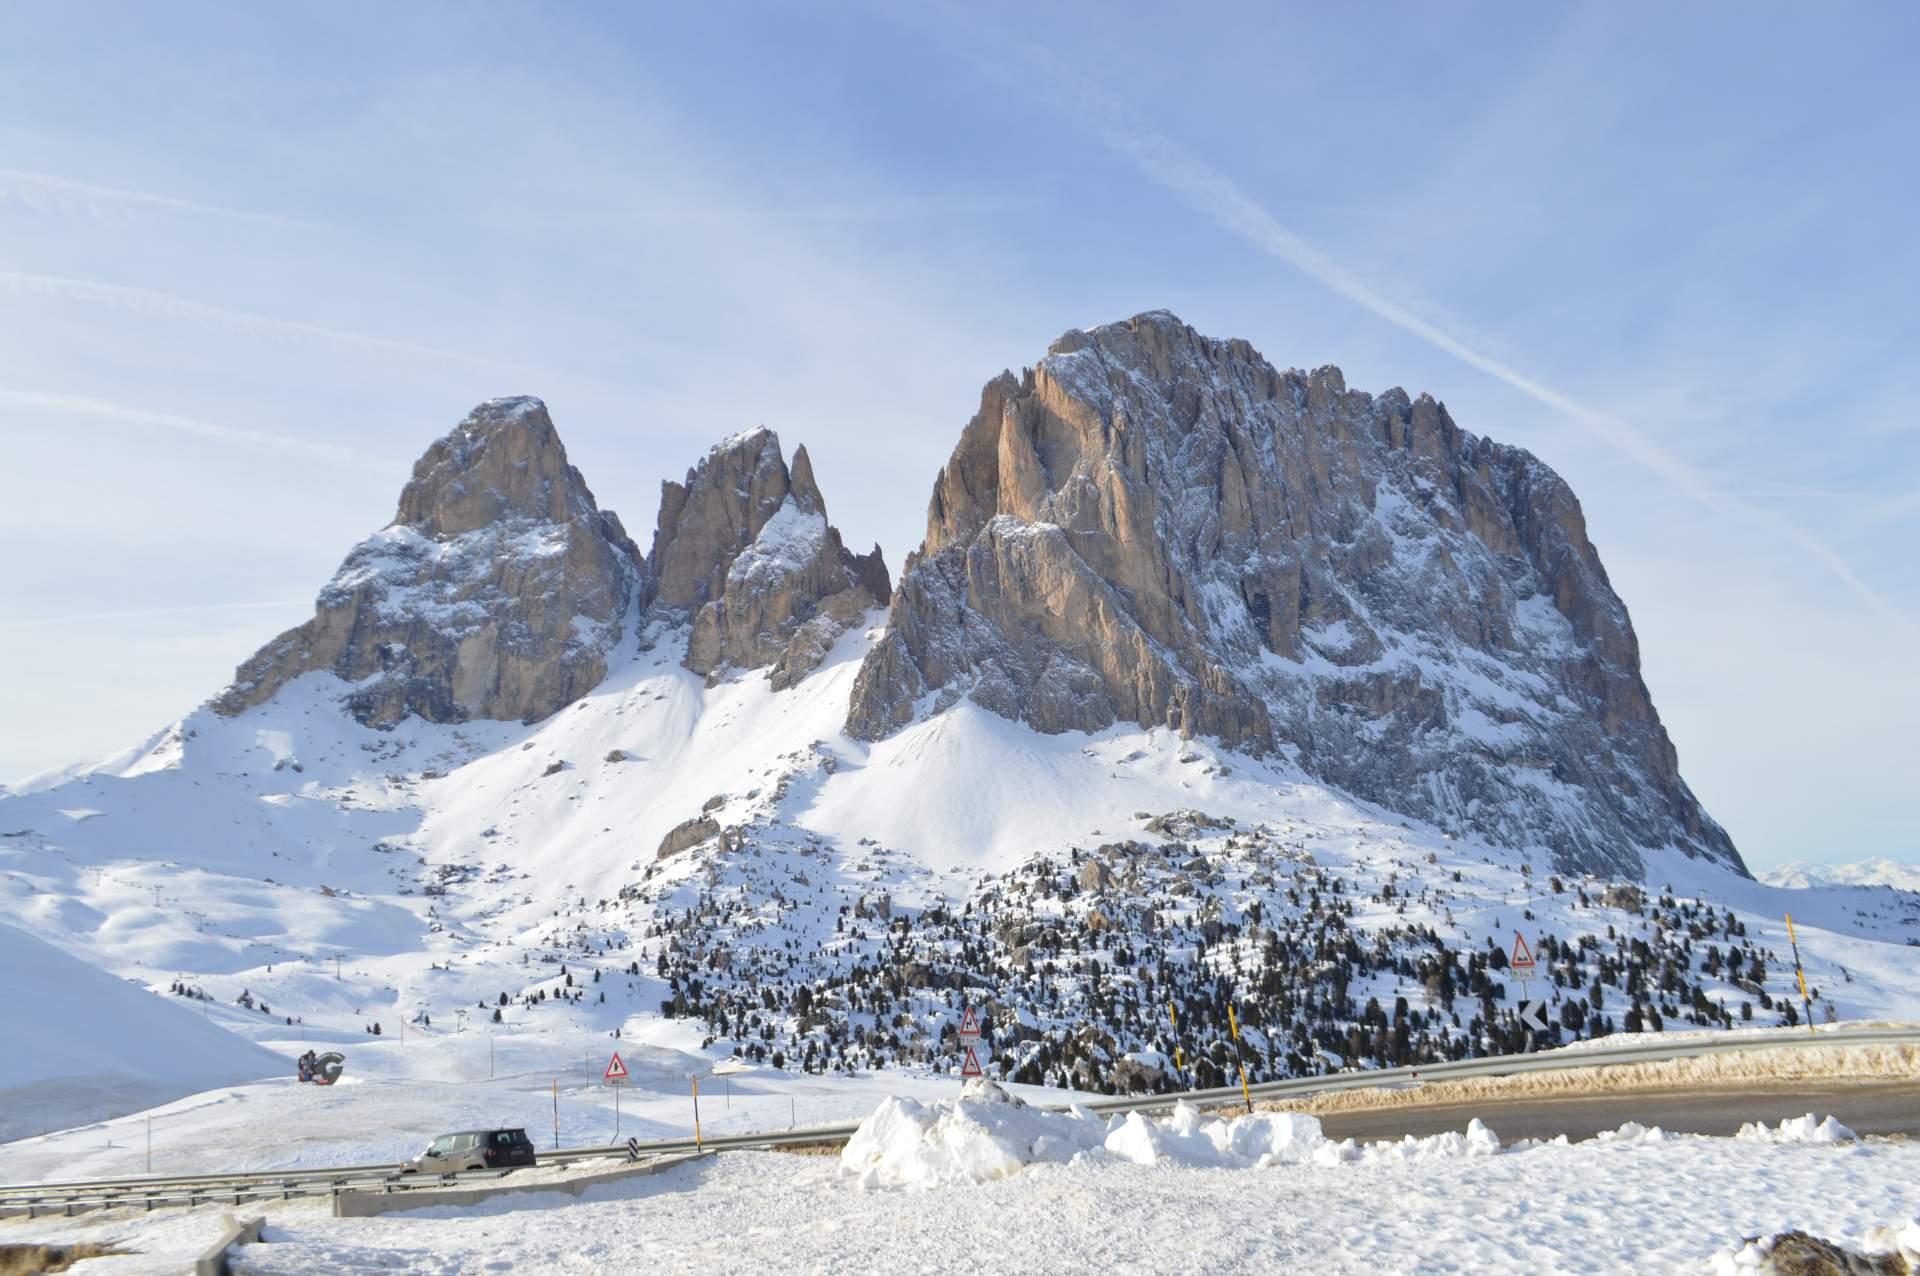 Busreis Zuid-Tirol skireis wandelvakantie meerdaagse reis